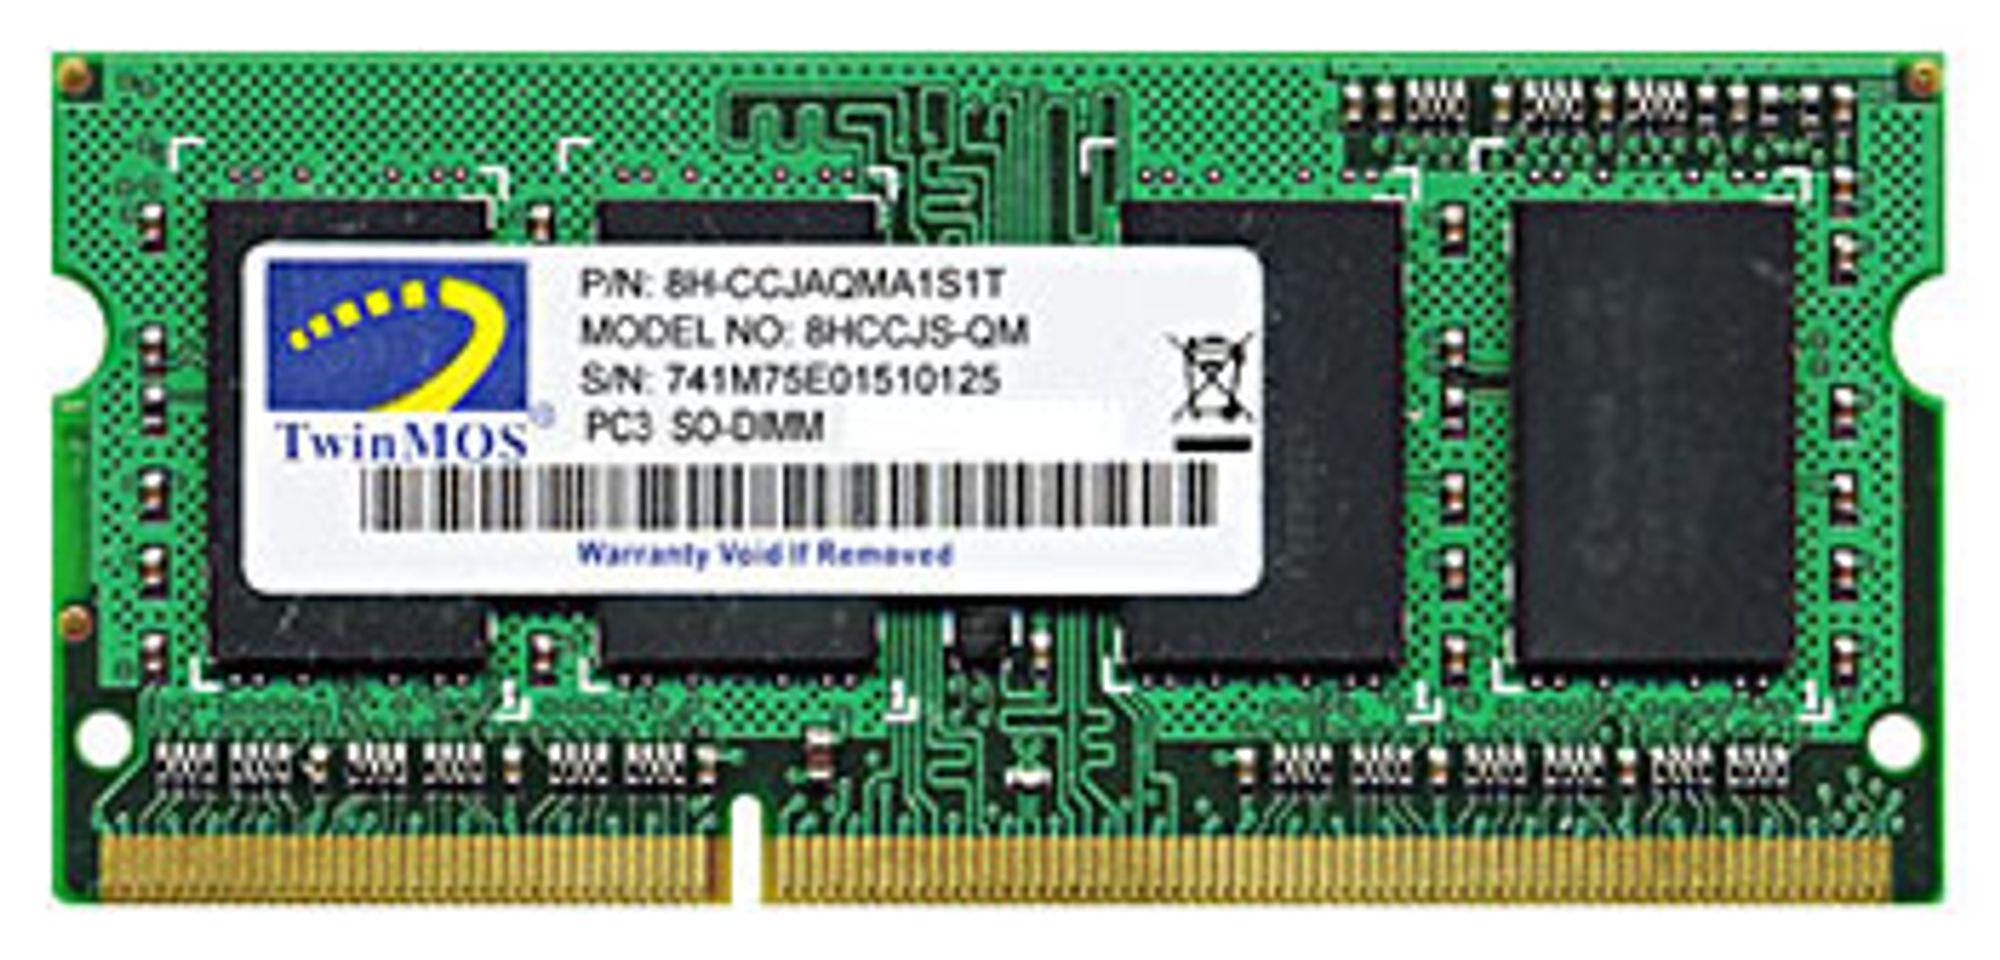 Twinmos DDR3 SO-DIMM takler 1333 MHz effektivt